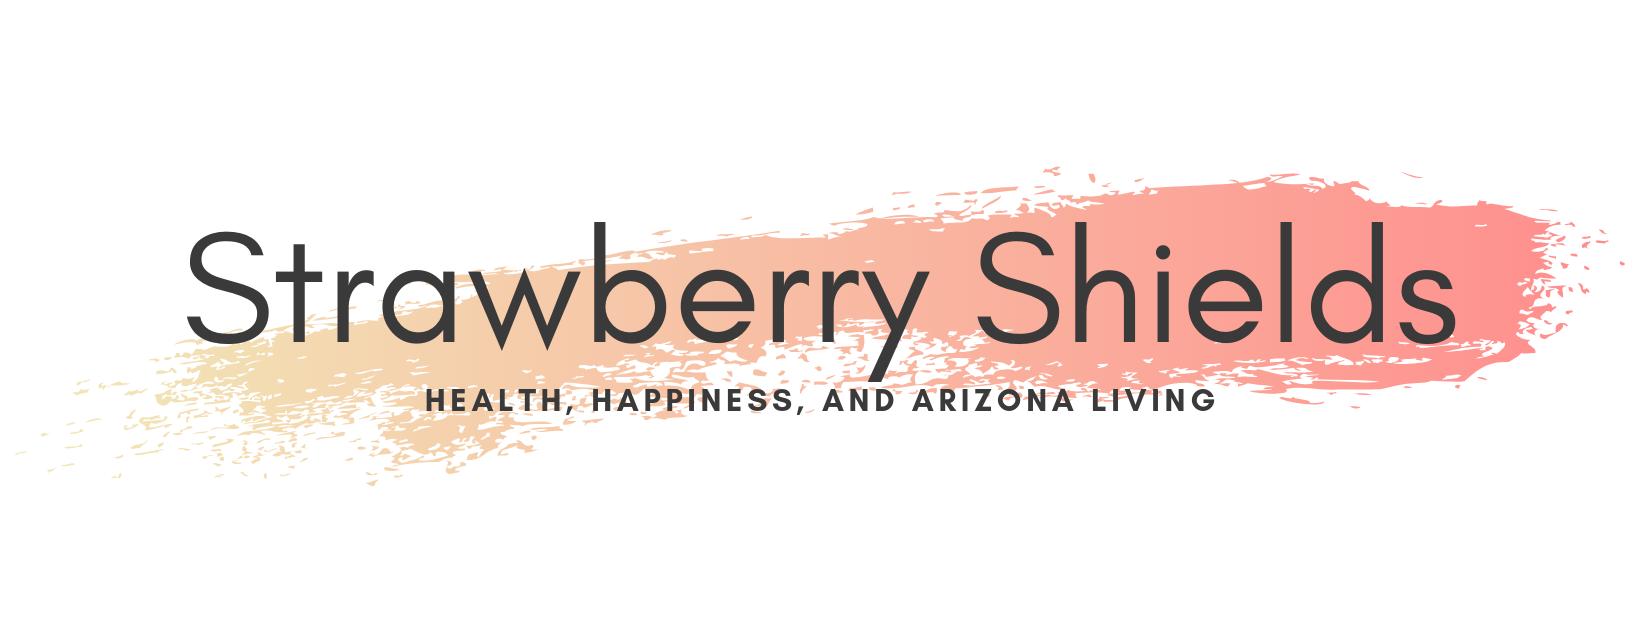 Strawberry Shields